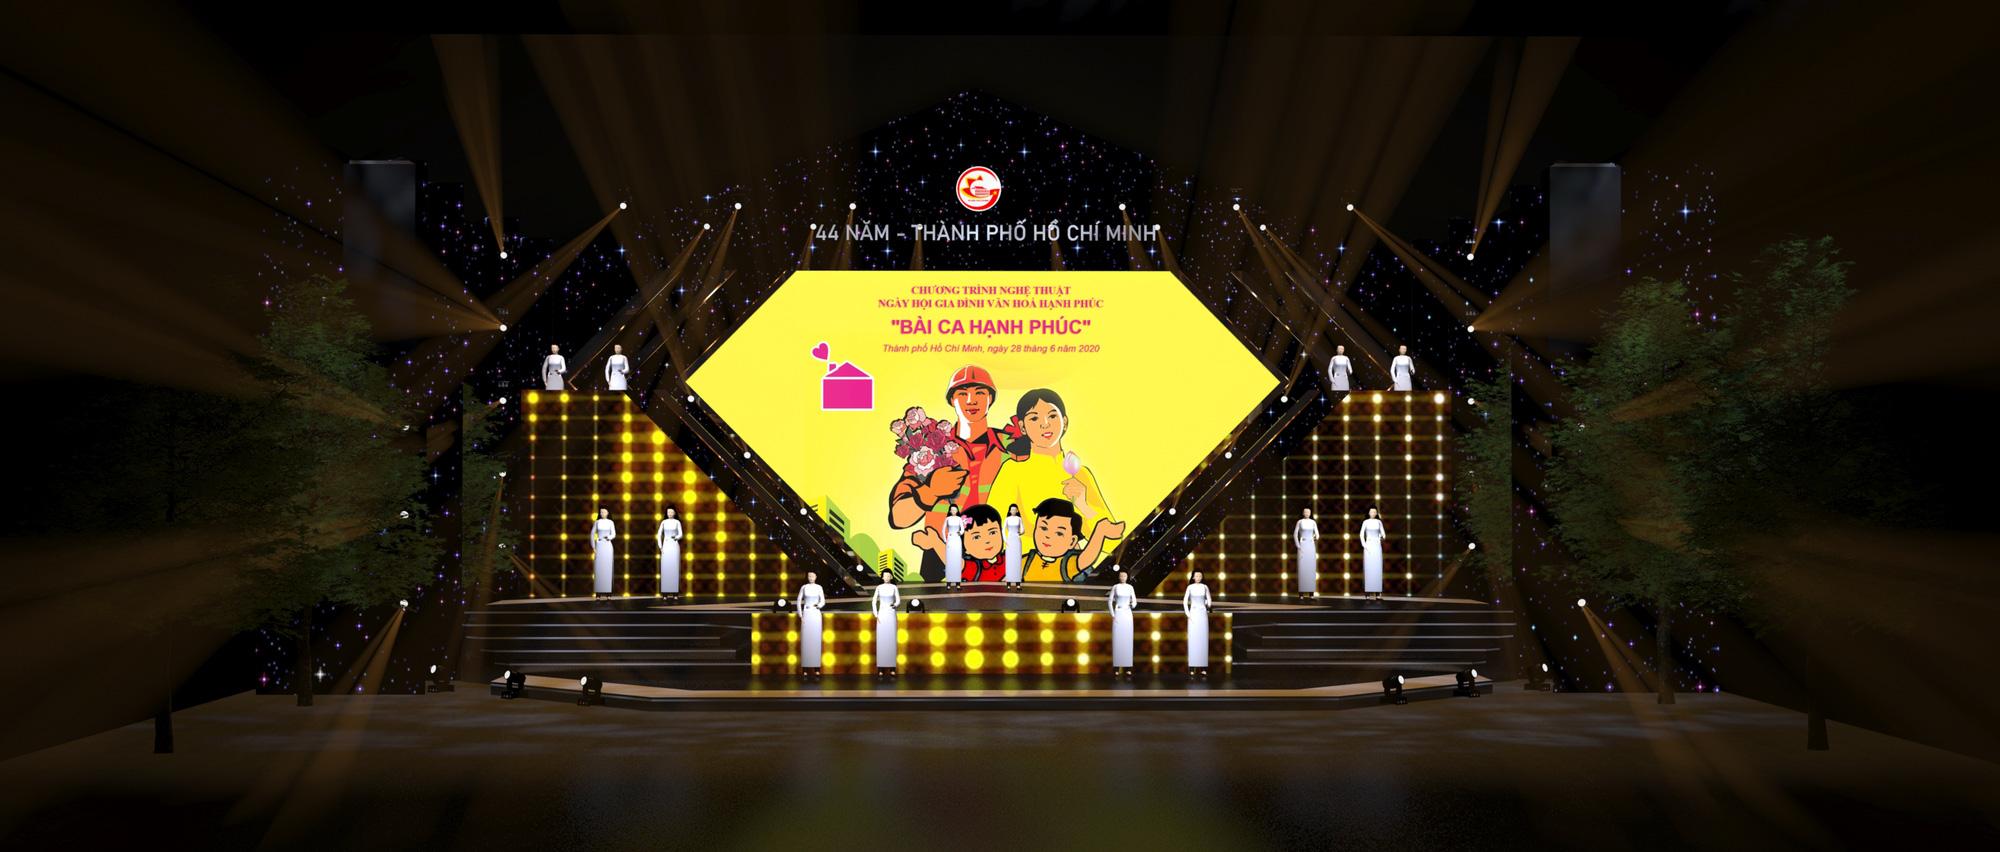 Đan Trường, Hiền Thục trình diễn chào mừng ngày Gia đình Việt Nam - Ảnh 2.